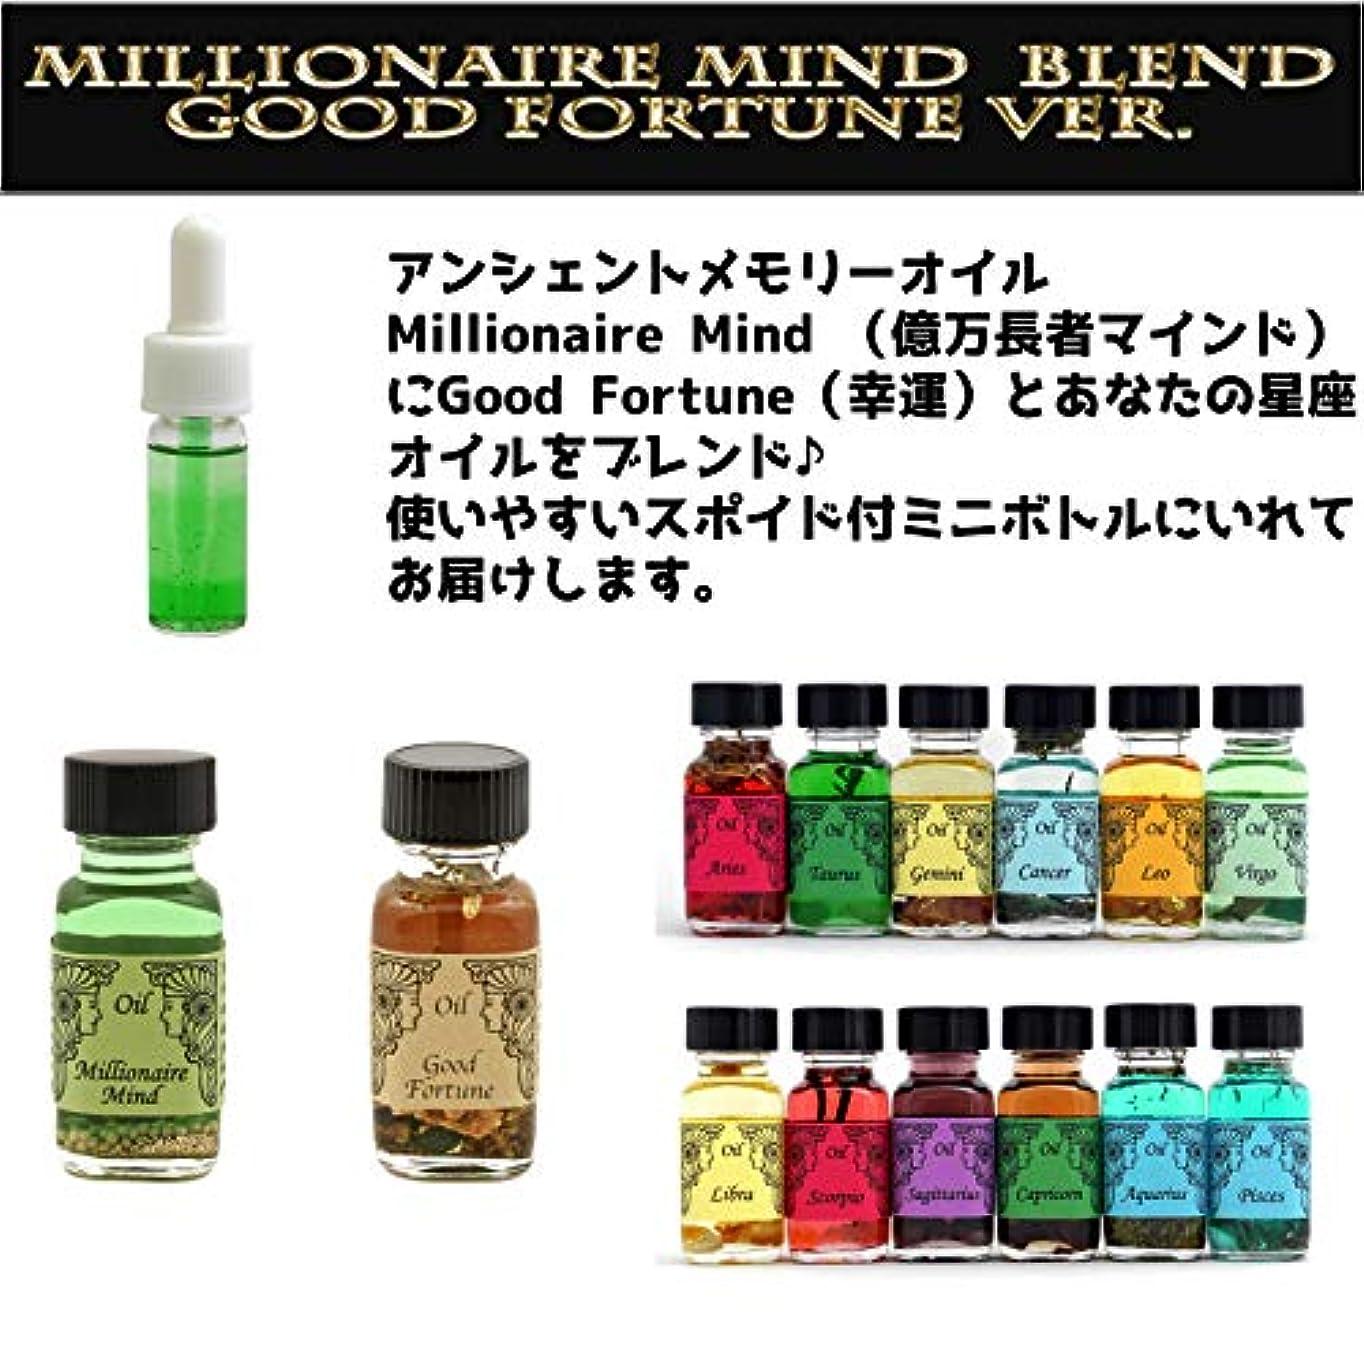 成功私のアルカトラズ島アンシェントメモリーオイル Millionaire Mind 億万長者マインド ブレンド【Good Fortune グッドフォーチュン 幸運&さそり座】